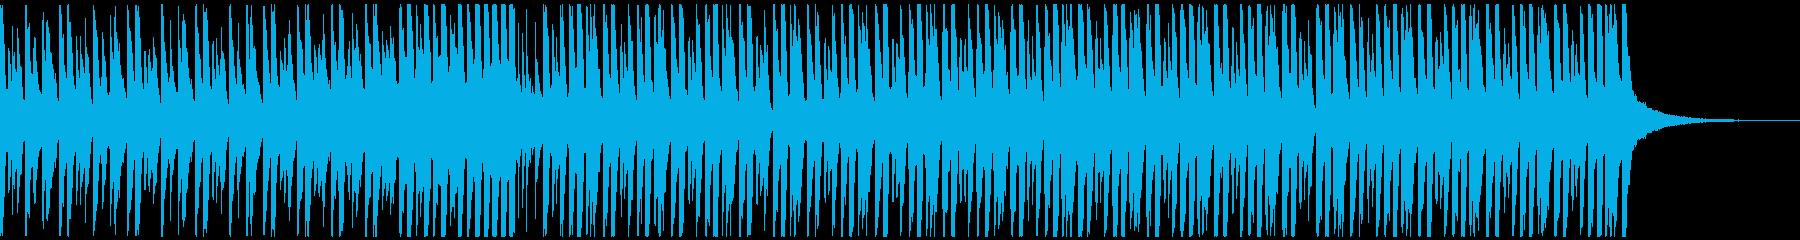 ハッピーデイ(60秒)の再生済みの波形